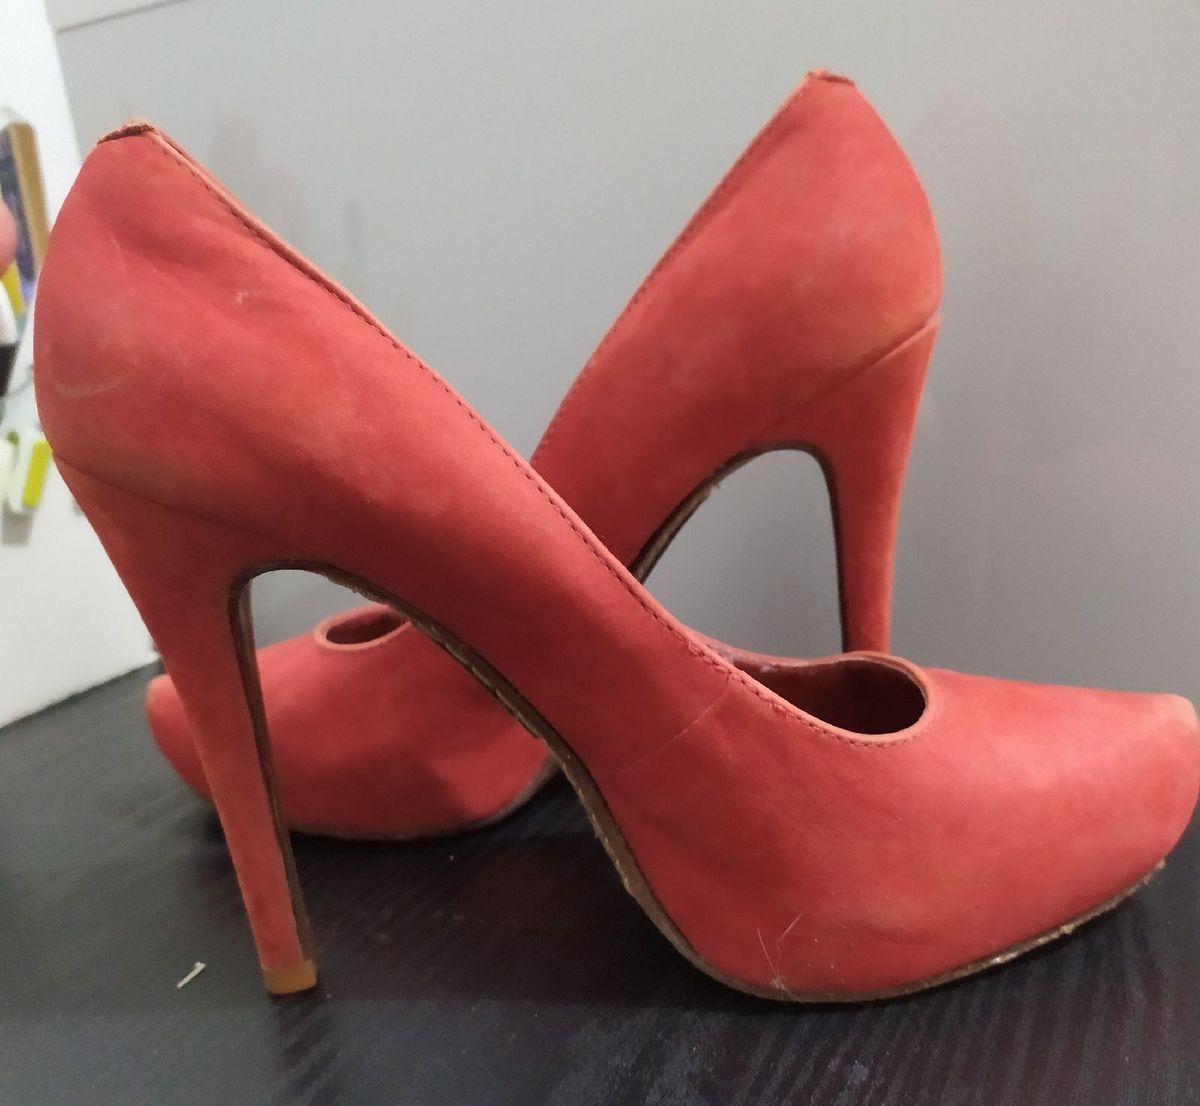 sapato vermelho schutz - sapatos schutz